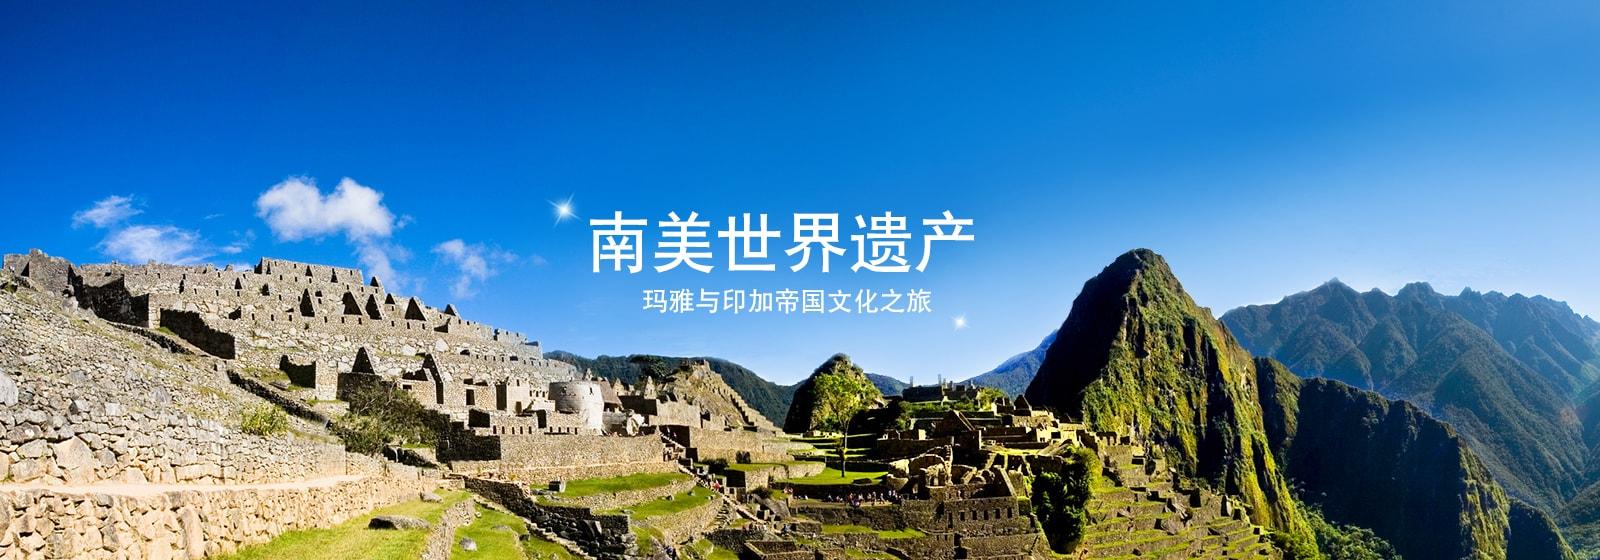 南美帝国的兴衰_玛雅与印加文化造访之旅